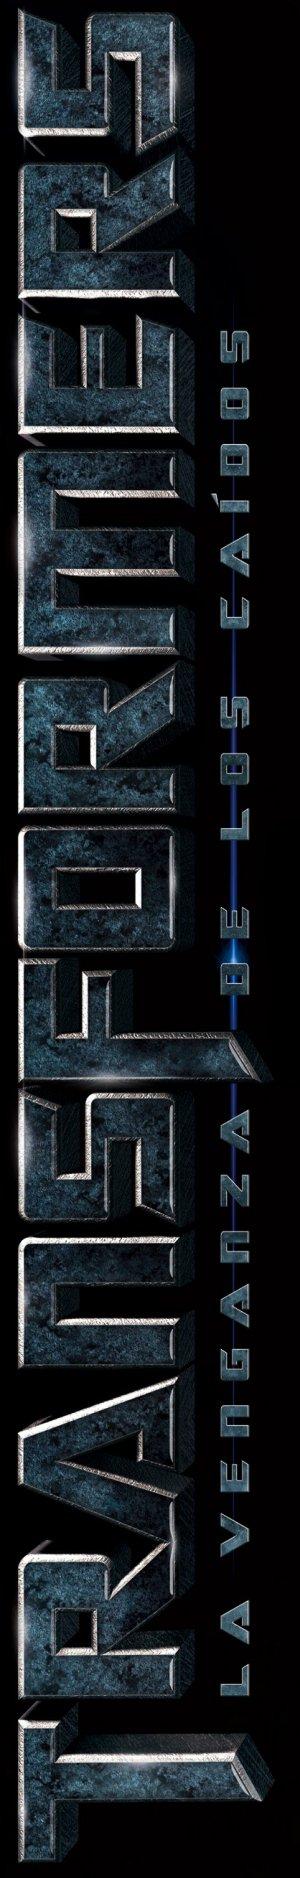 Transformers: Die Rache 418x2617